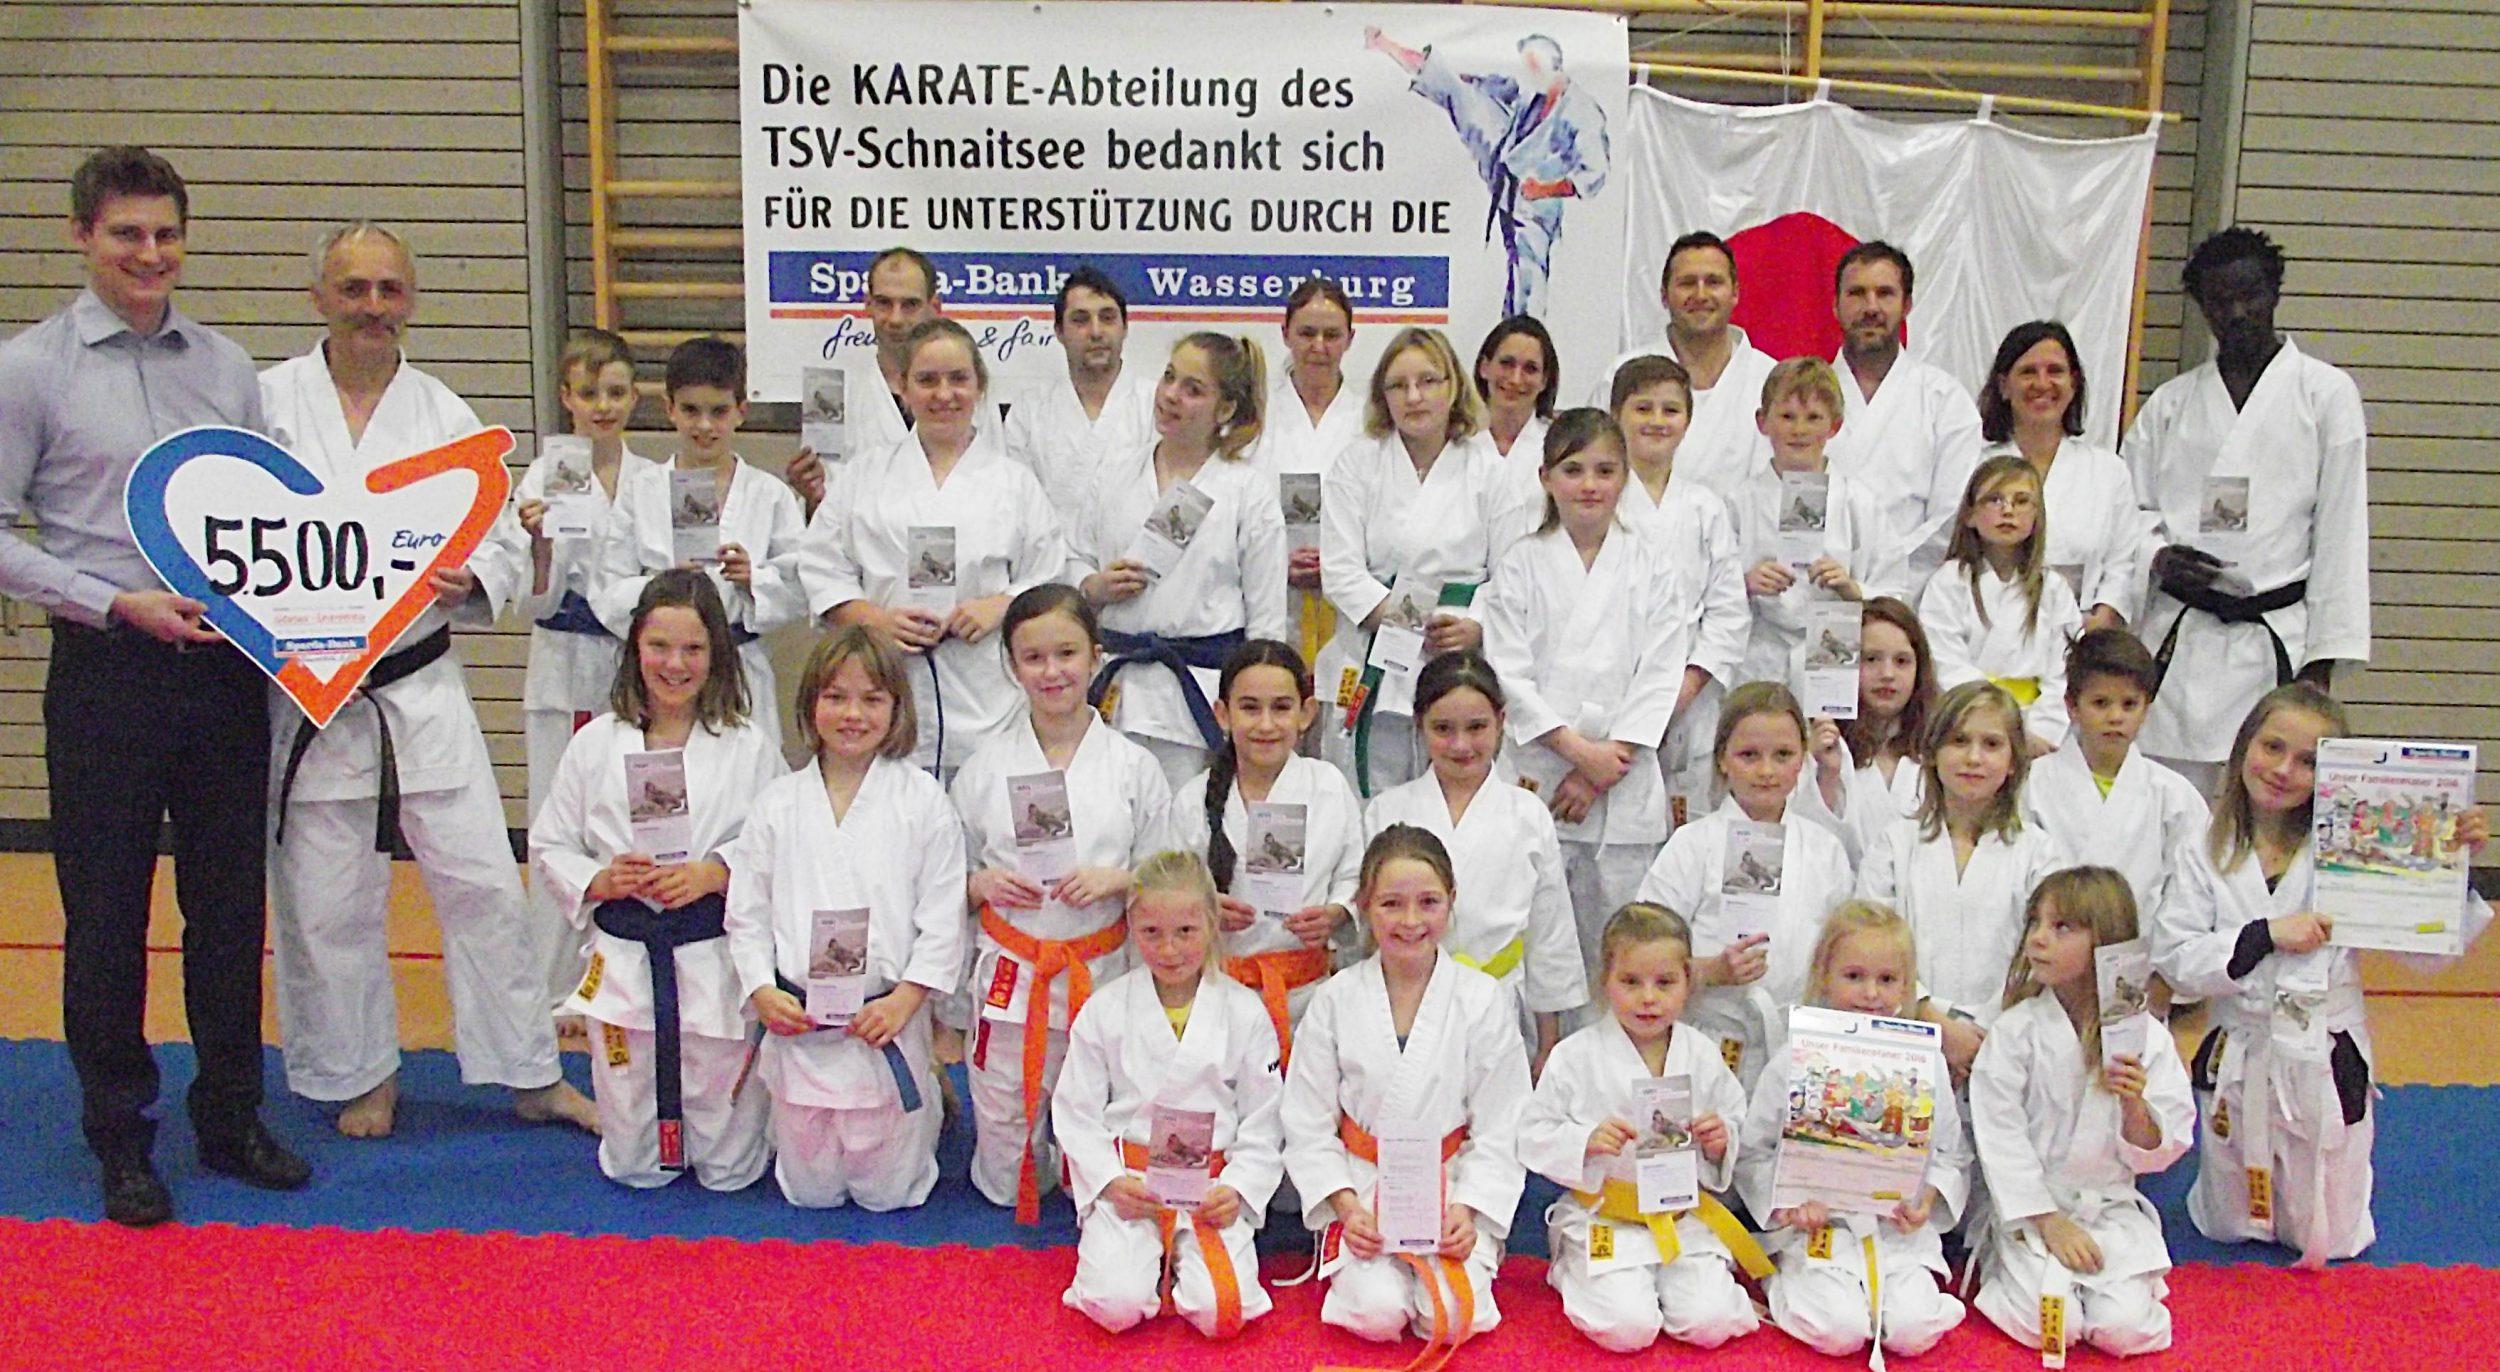 Unser Foto zeigt viele Karatesportler des TSV Schnaitsee zusammen mit dem Spender Michael Kierner von der Spardabank (hinten links) und ihren Trainer Richard Schalch (rechts daneben).